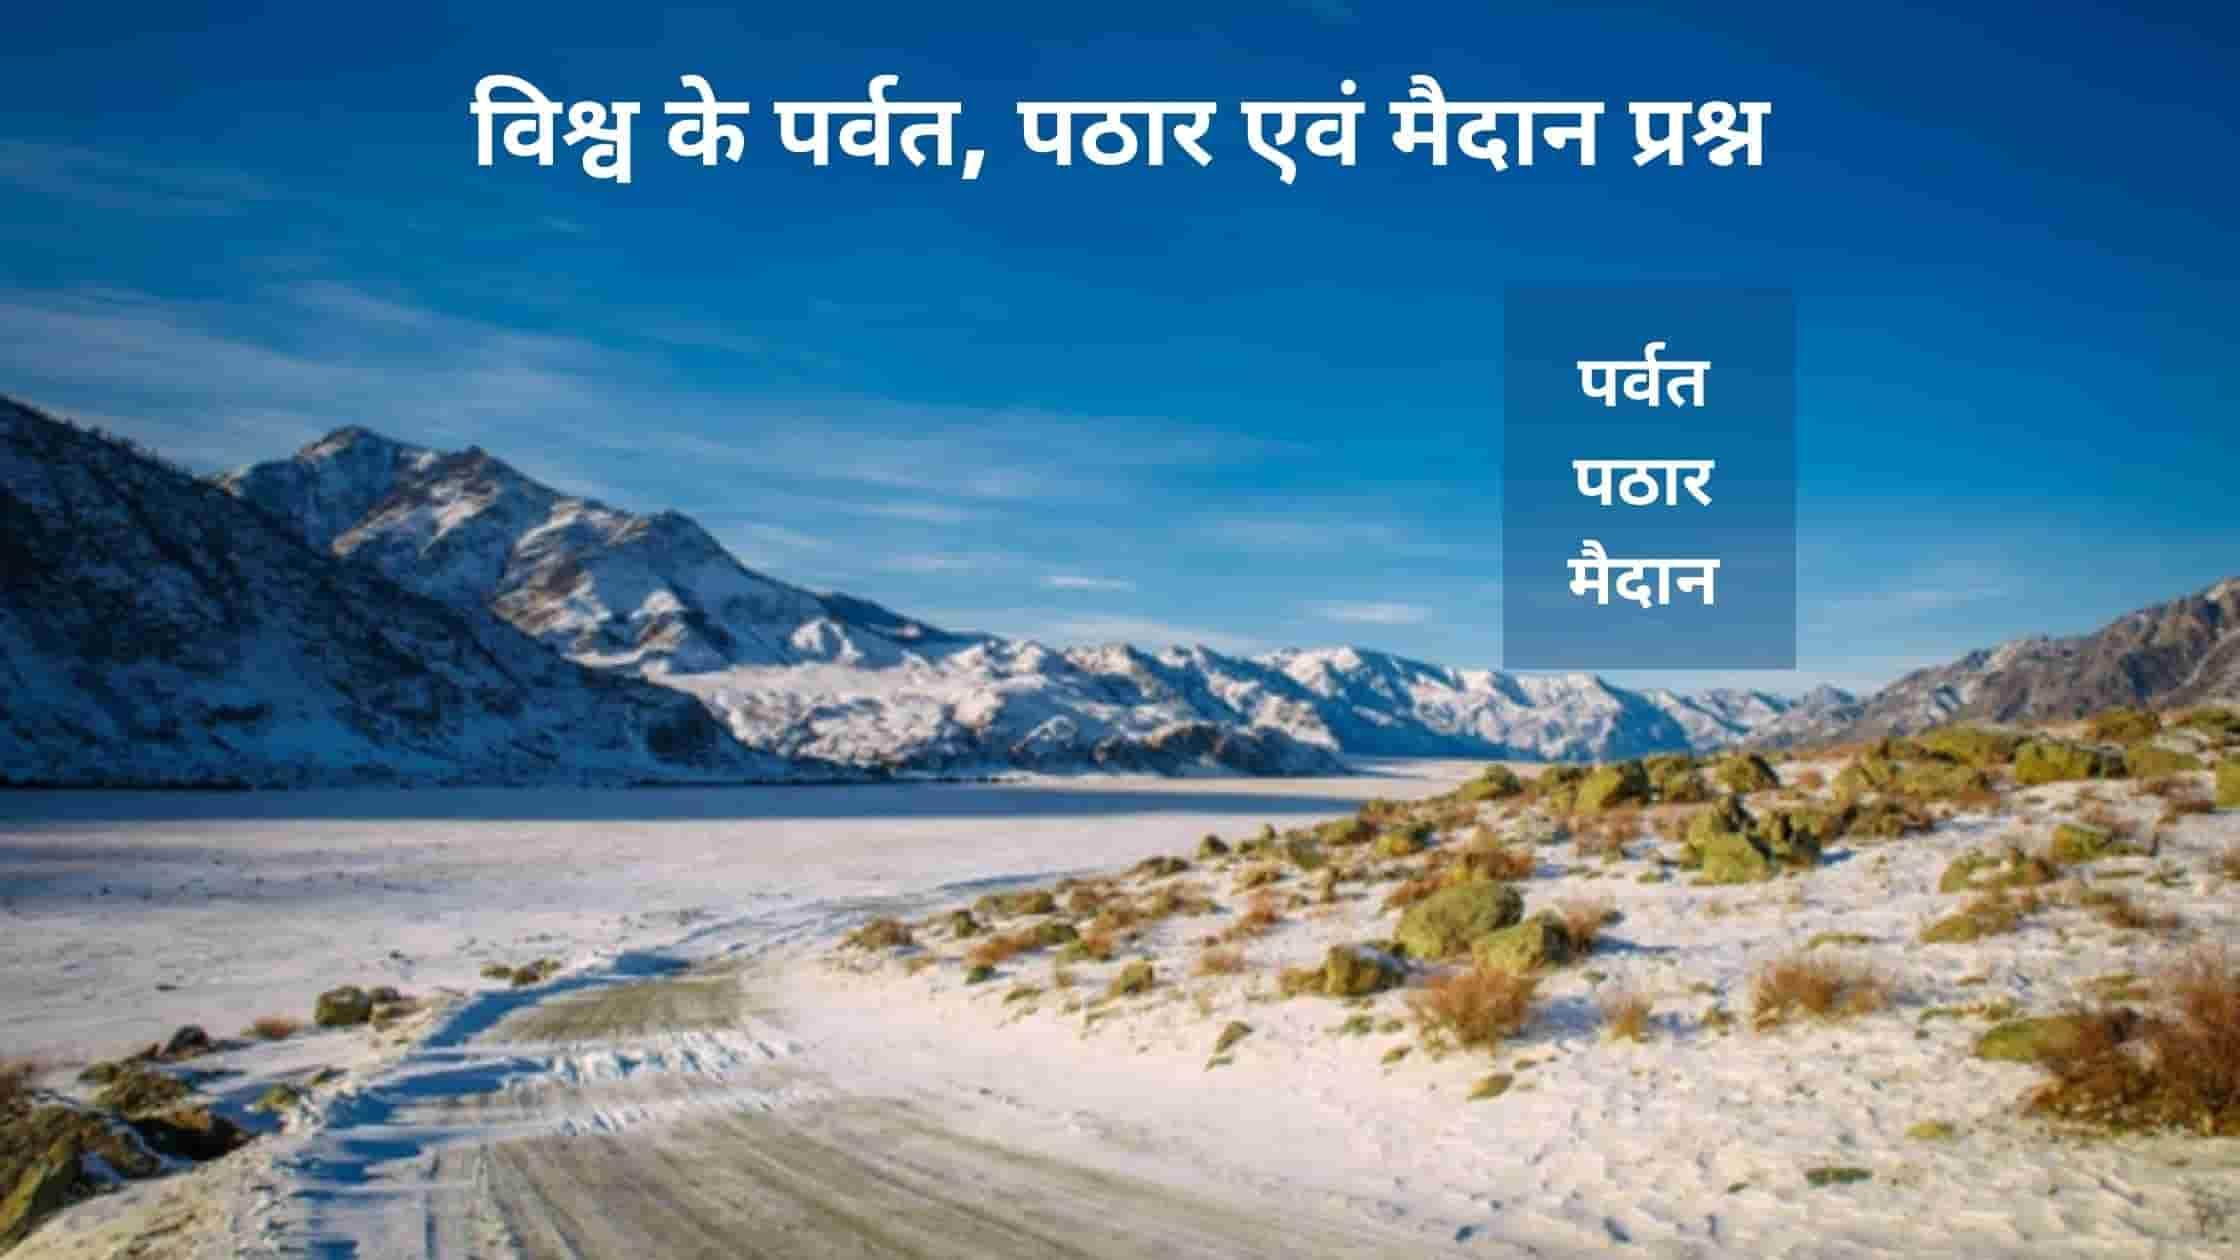 Parvat Pathar Aur Maidan